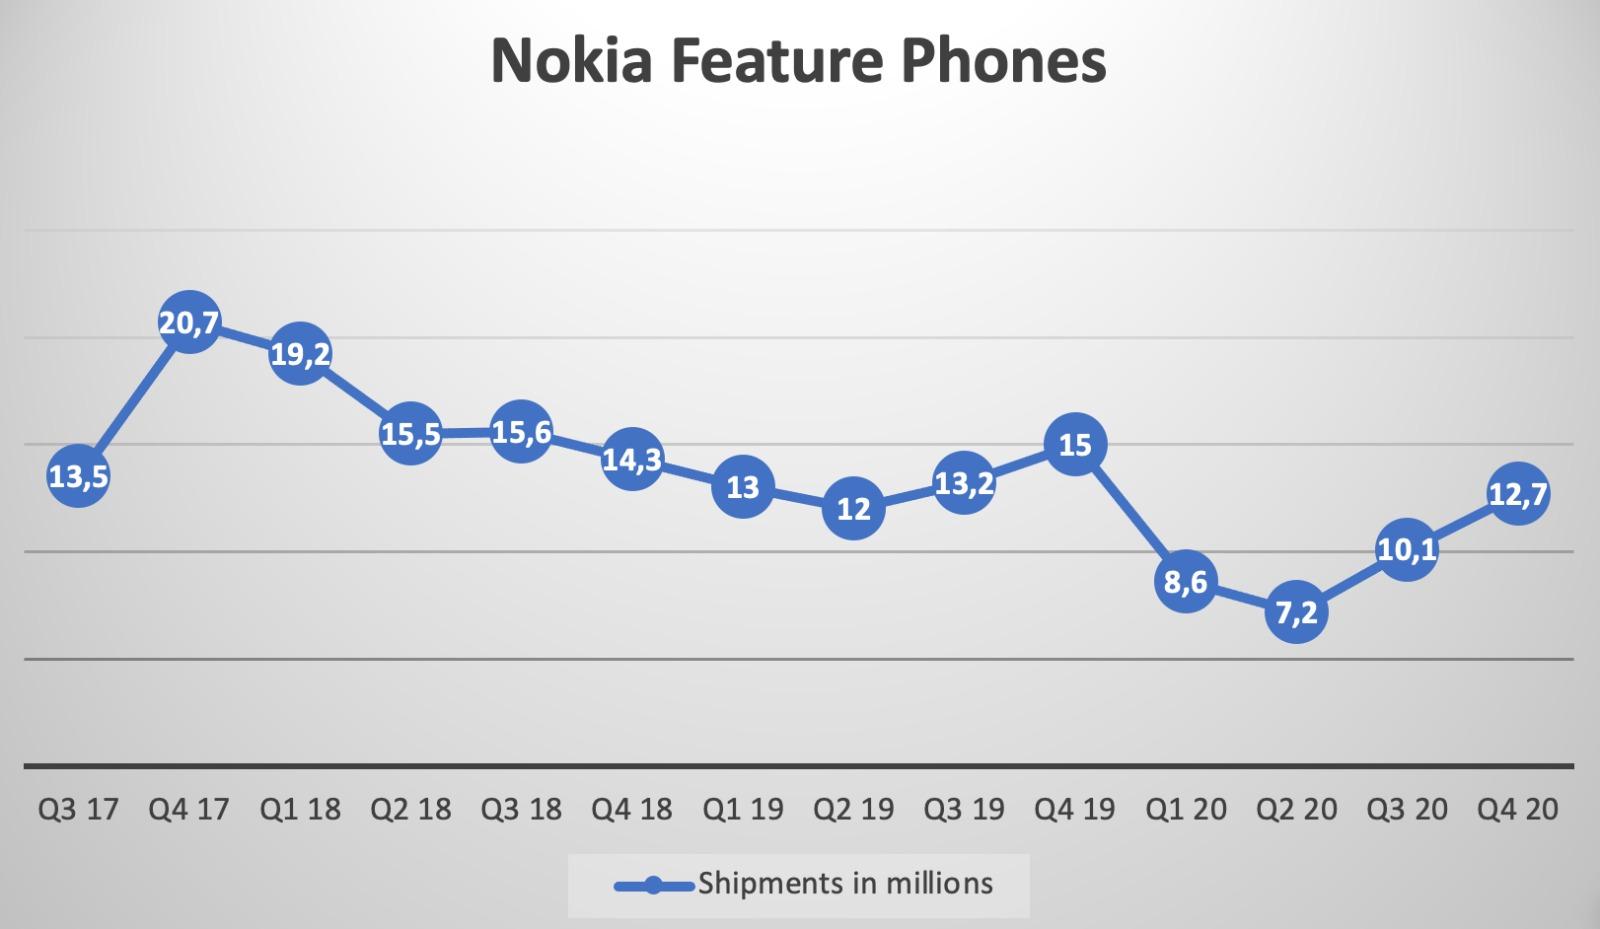 sprzedaż klasycznych telefonów Nokia od Q3 2017 do Q4 2020